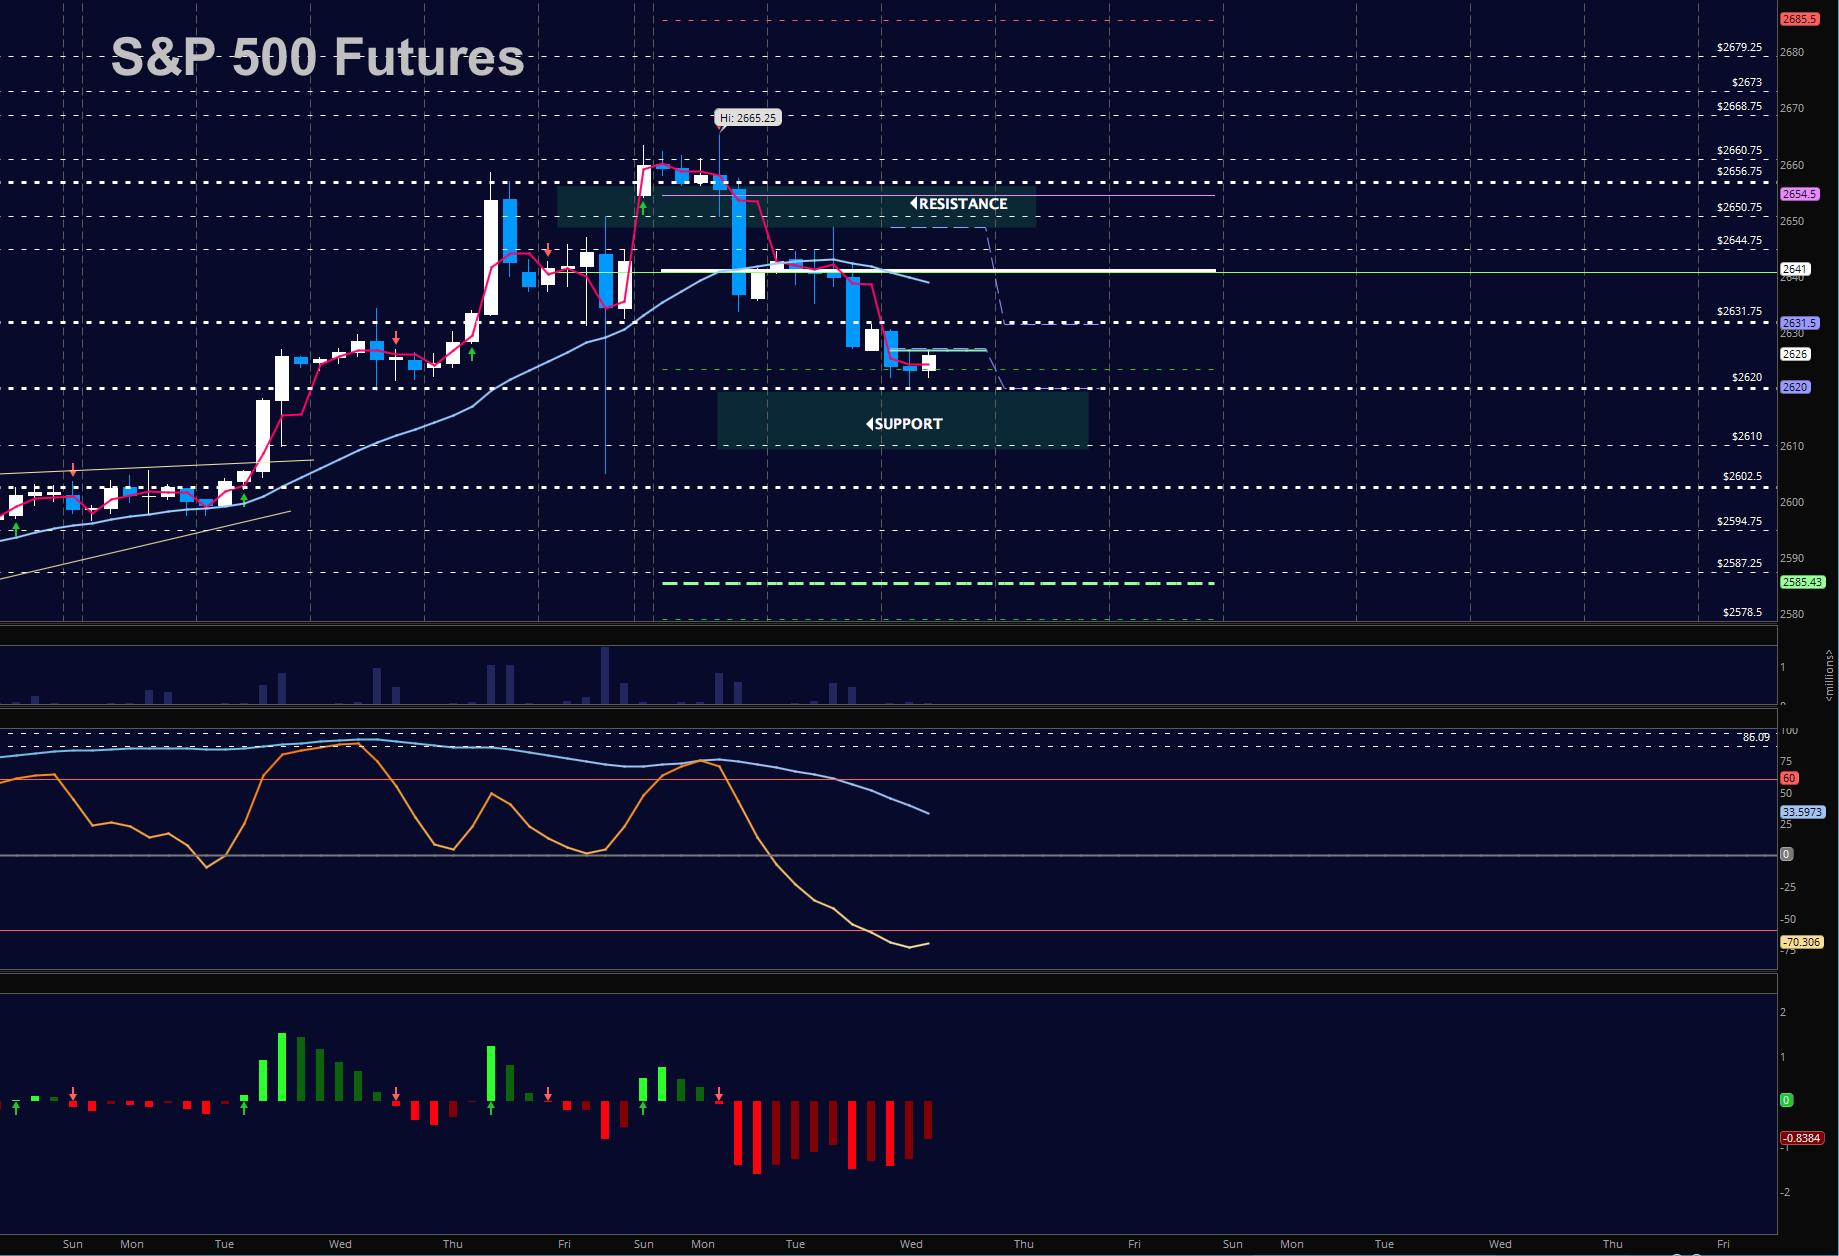 sp 500 futures trading december 6 chart_news_update_markets